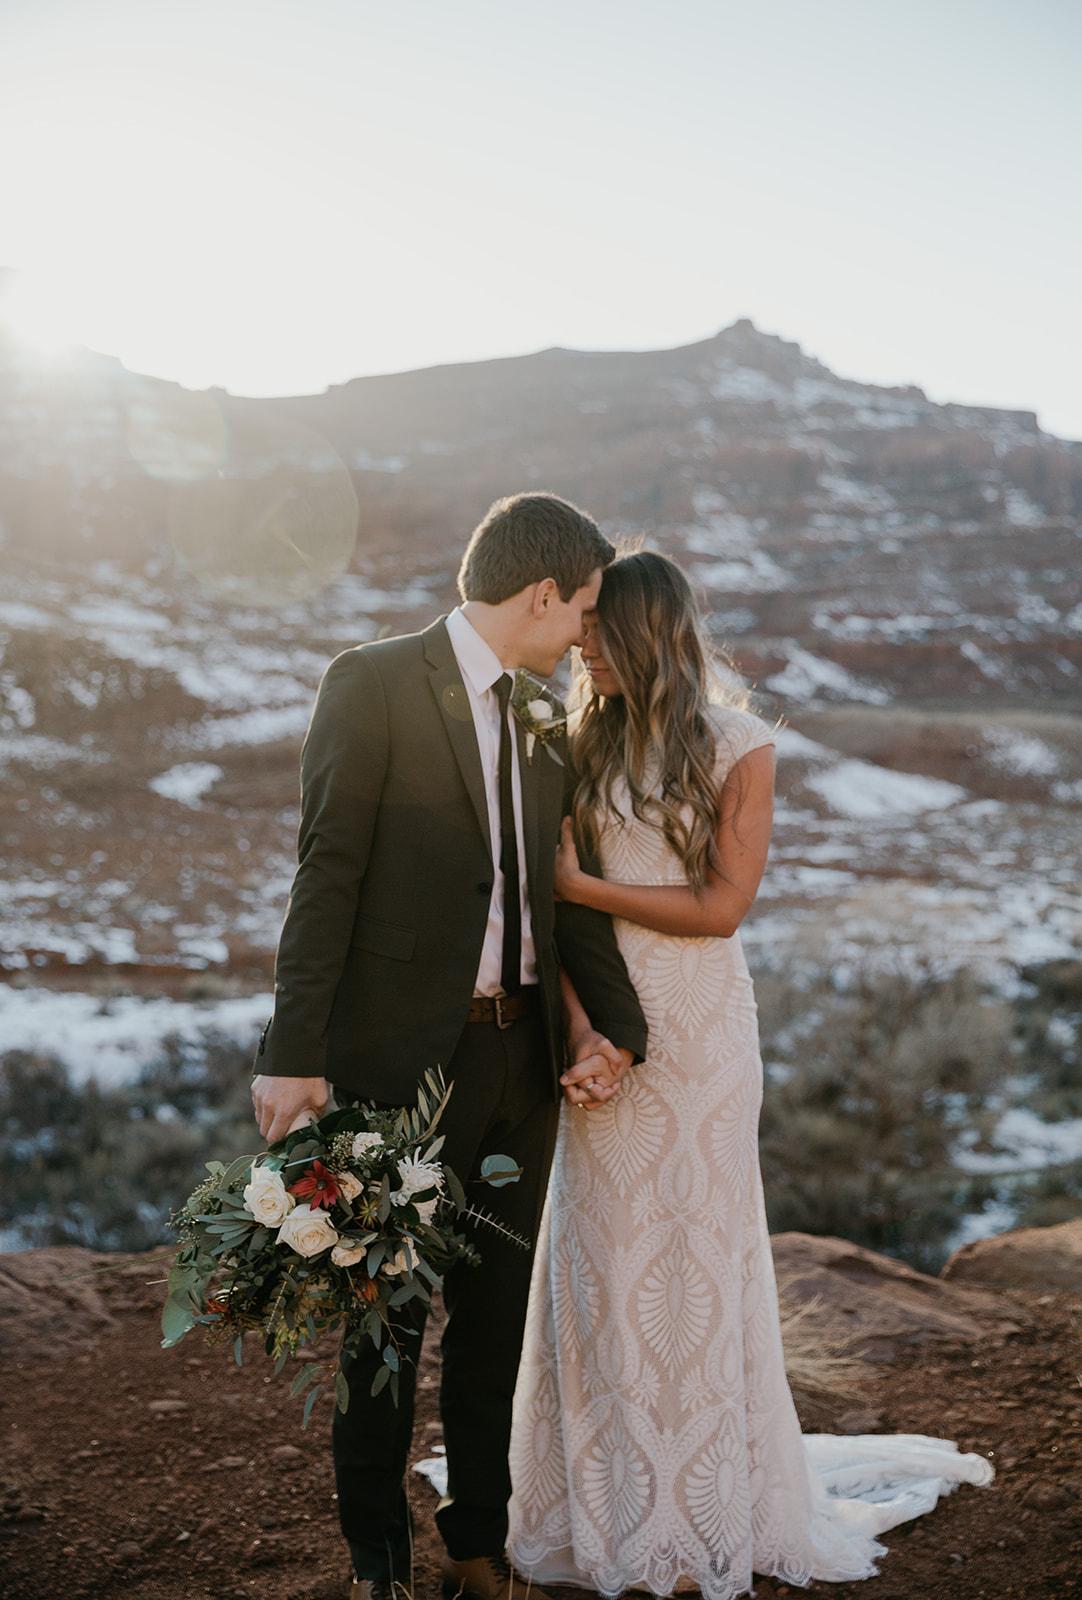 jamie+weston bridals-115.jpg